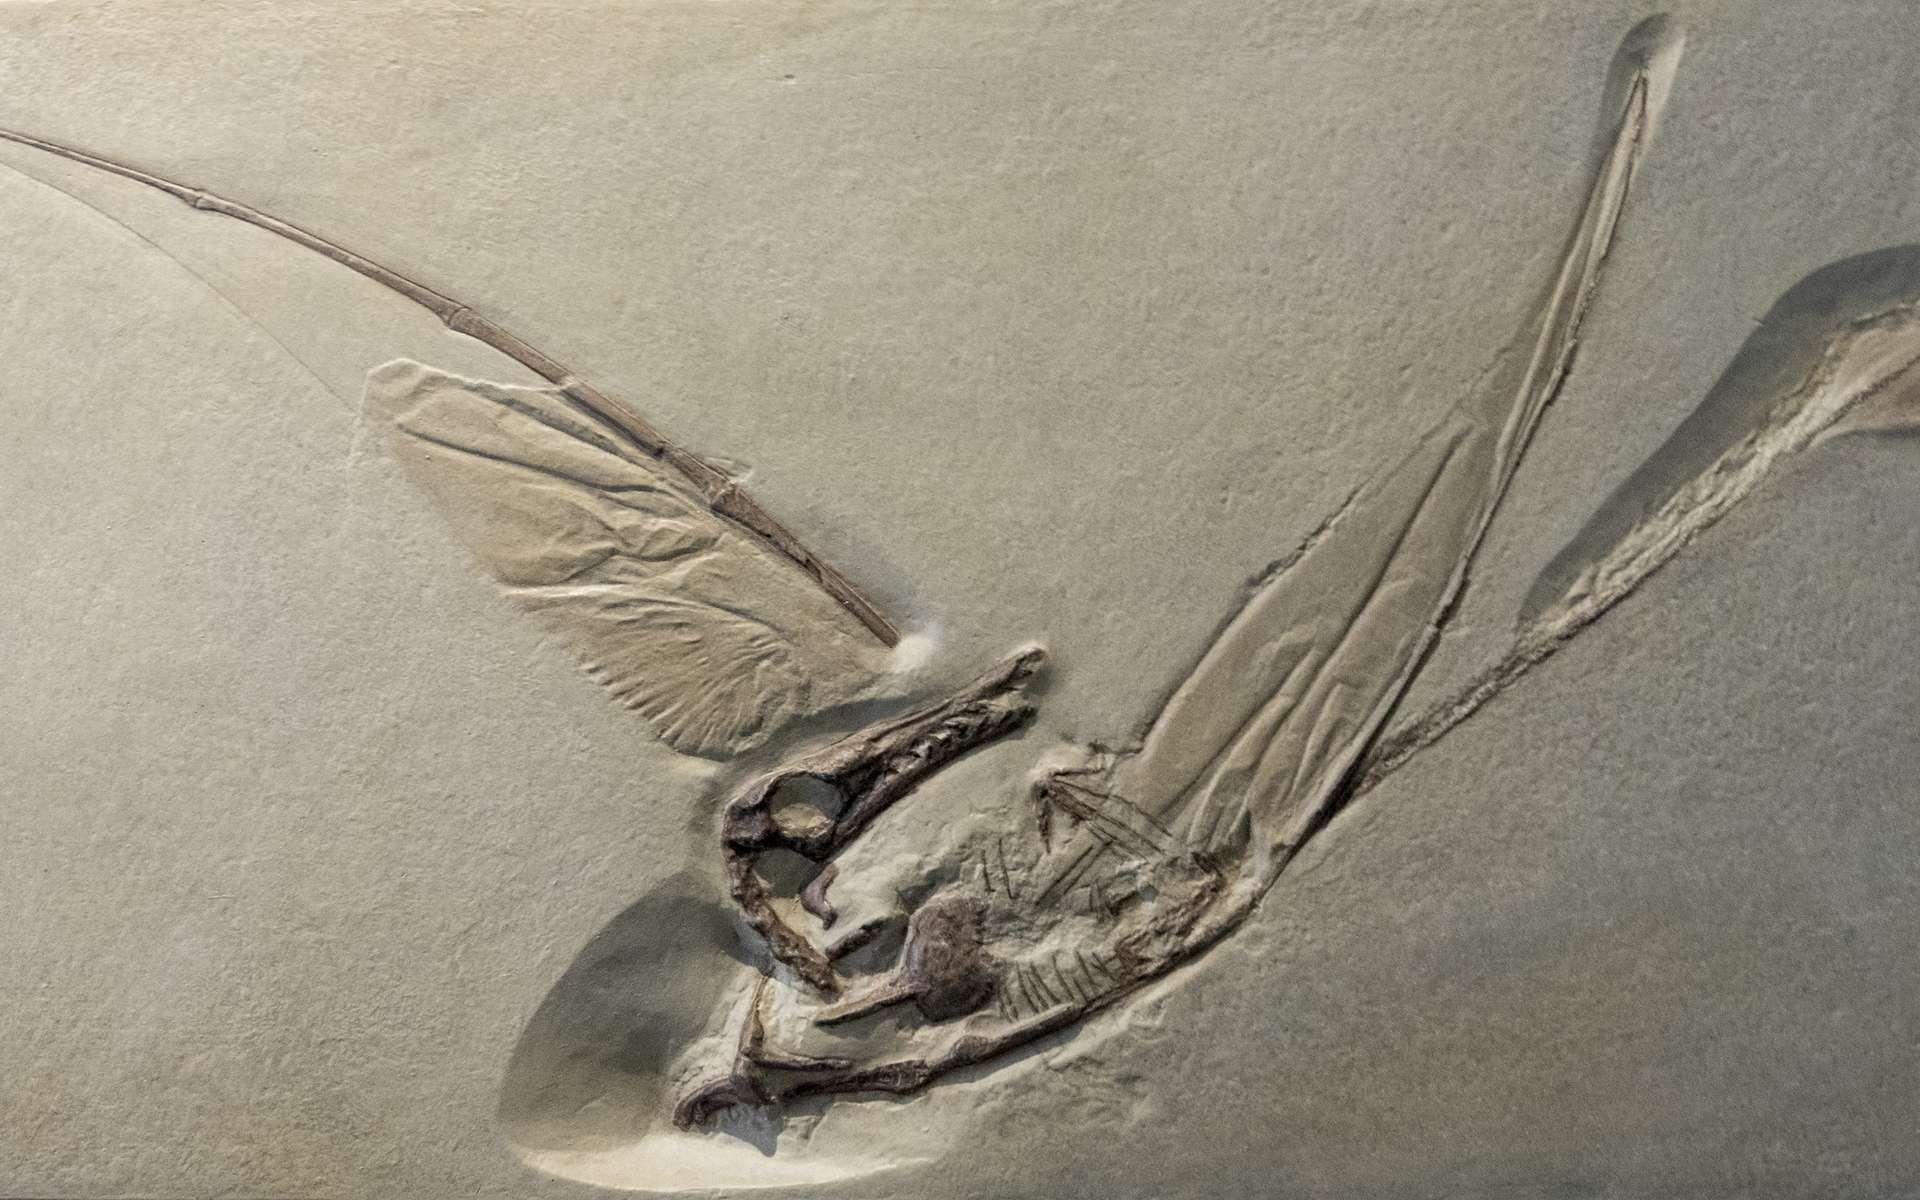 Les fossiles de ptérosaures sont rares. Il s'agit ici de celui de Rhamphorhynchus, qui date du Jurassique. © Wollwerth Imagery, Adobe Stock